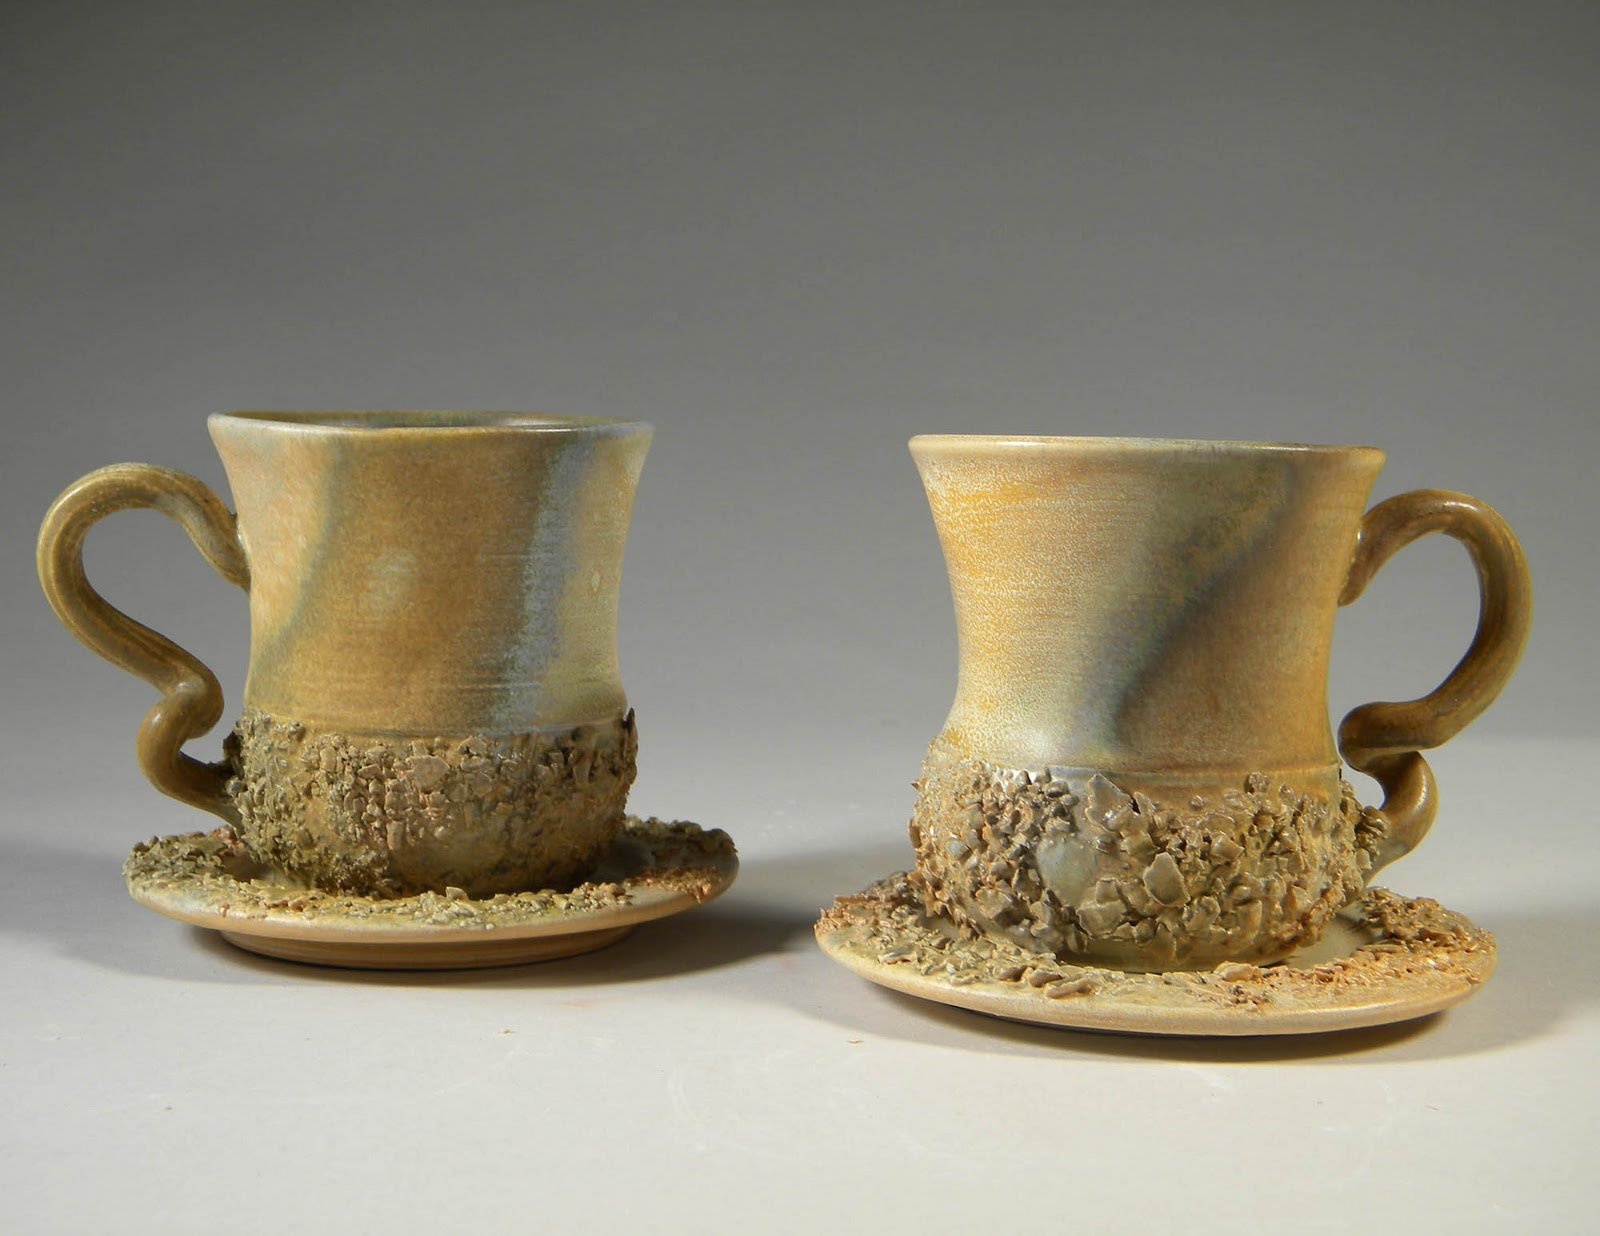 Незвичайні гуртки: форма оригінальних чашок для чаю та кави в подарунок дівчині